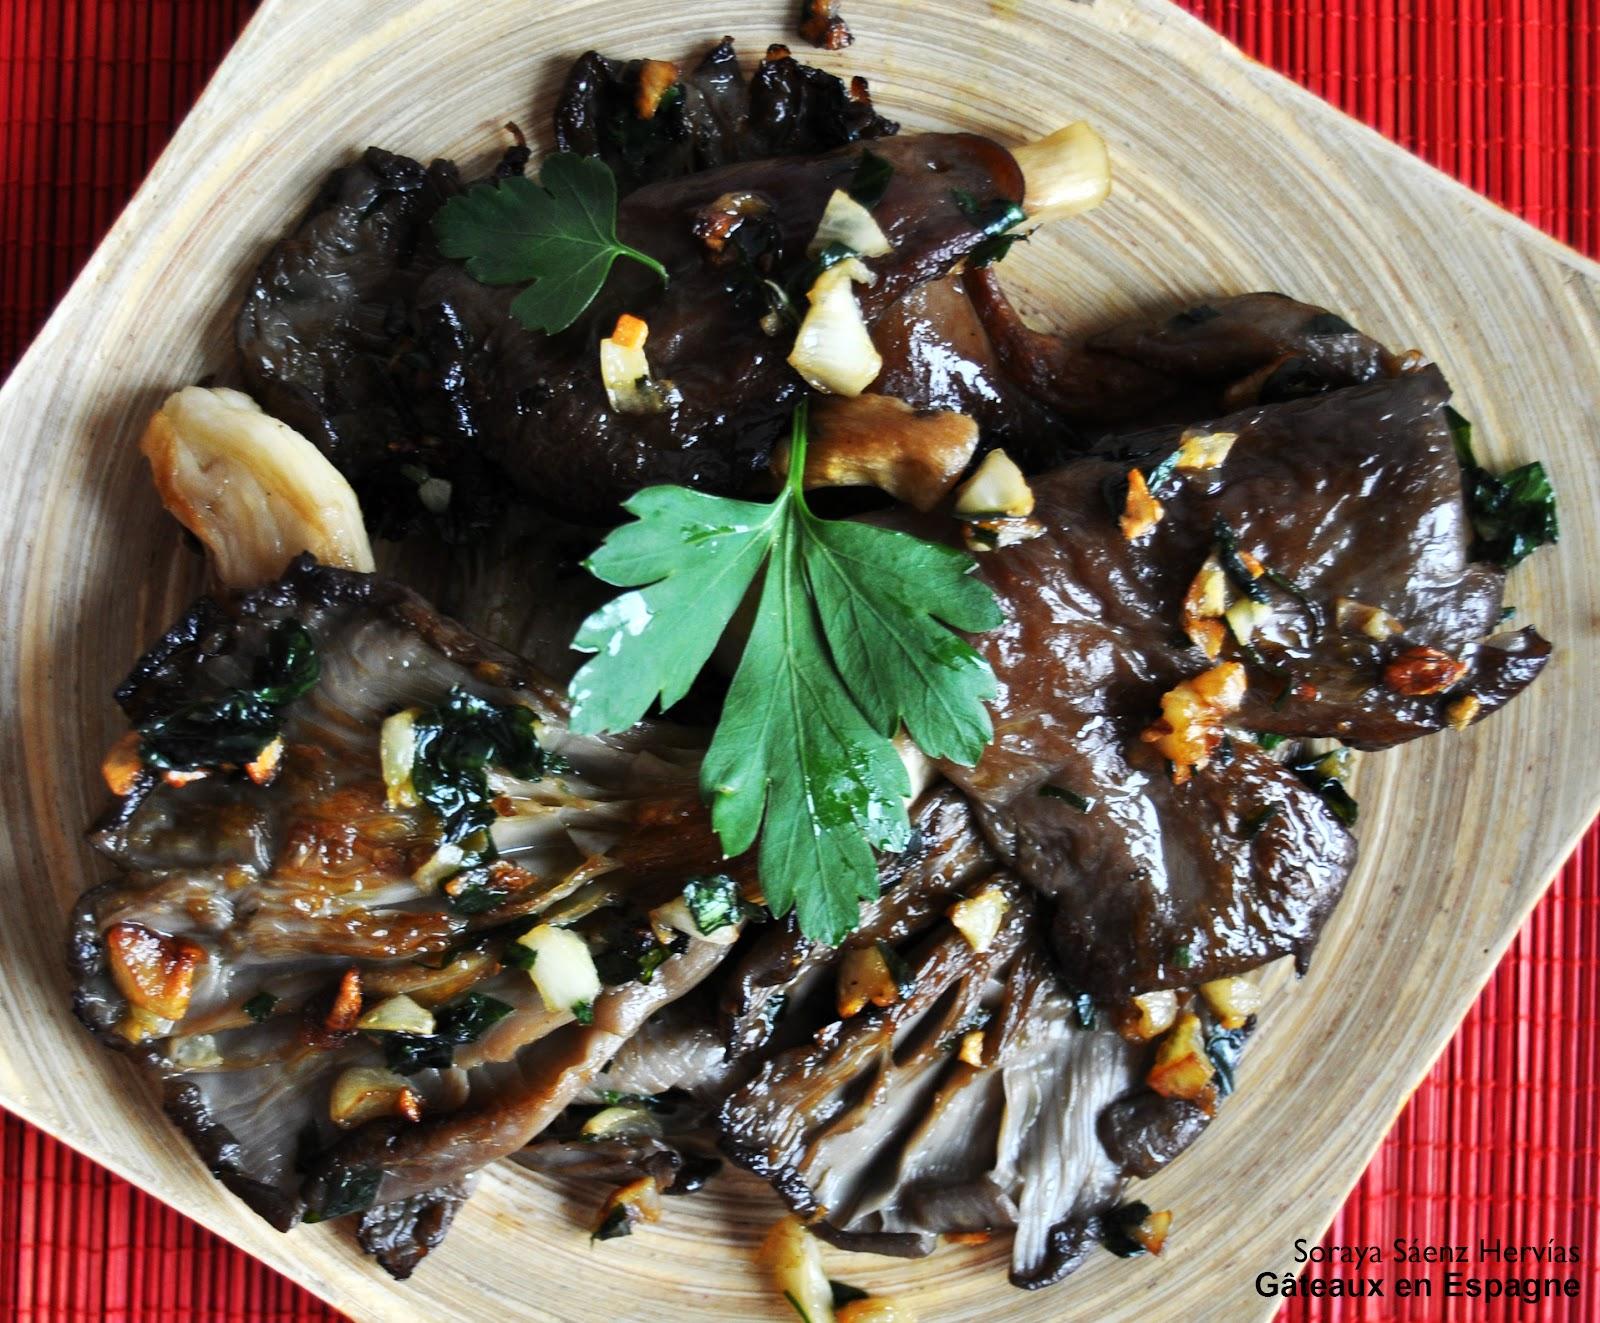 G teaux en espagne - Cuisiner des champignons ...